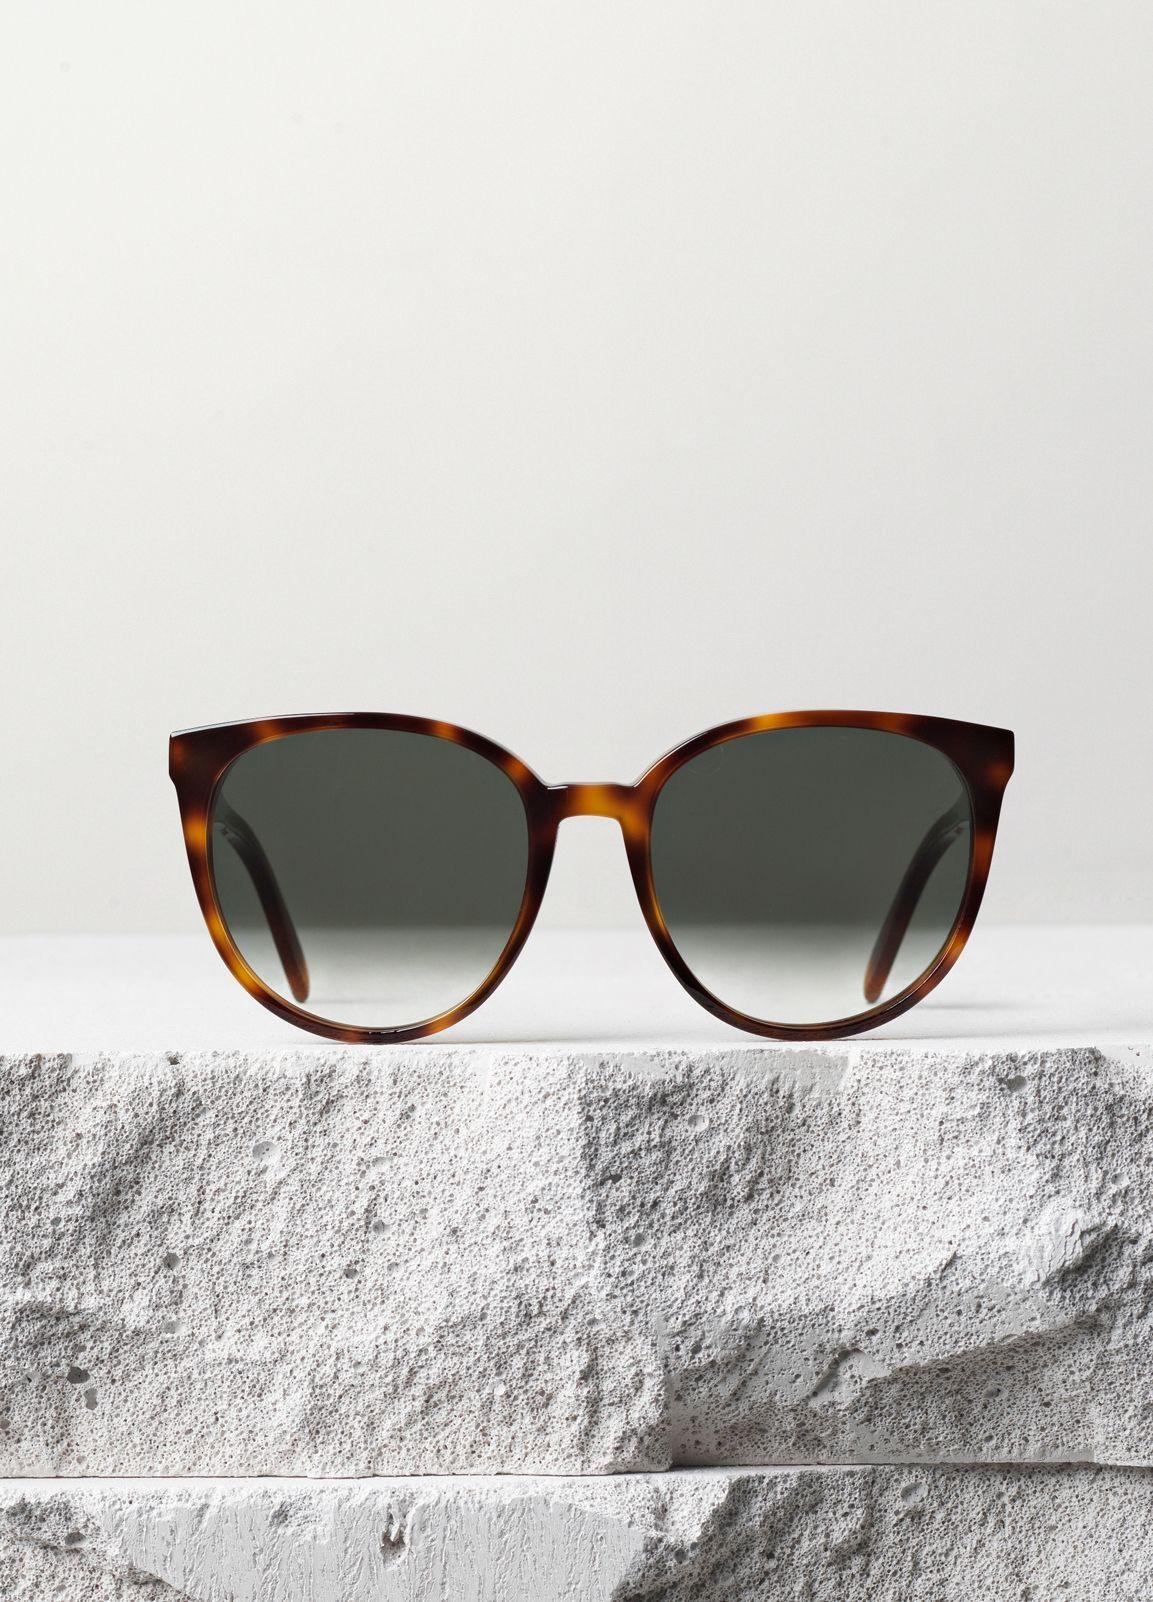 27556f1de4 celine | Fashion en 2019 | Michael kors sunglasses, Ray Ban ...